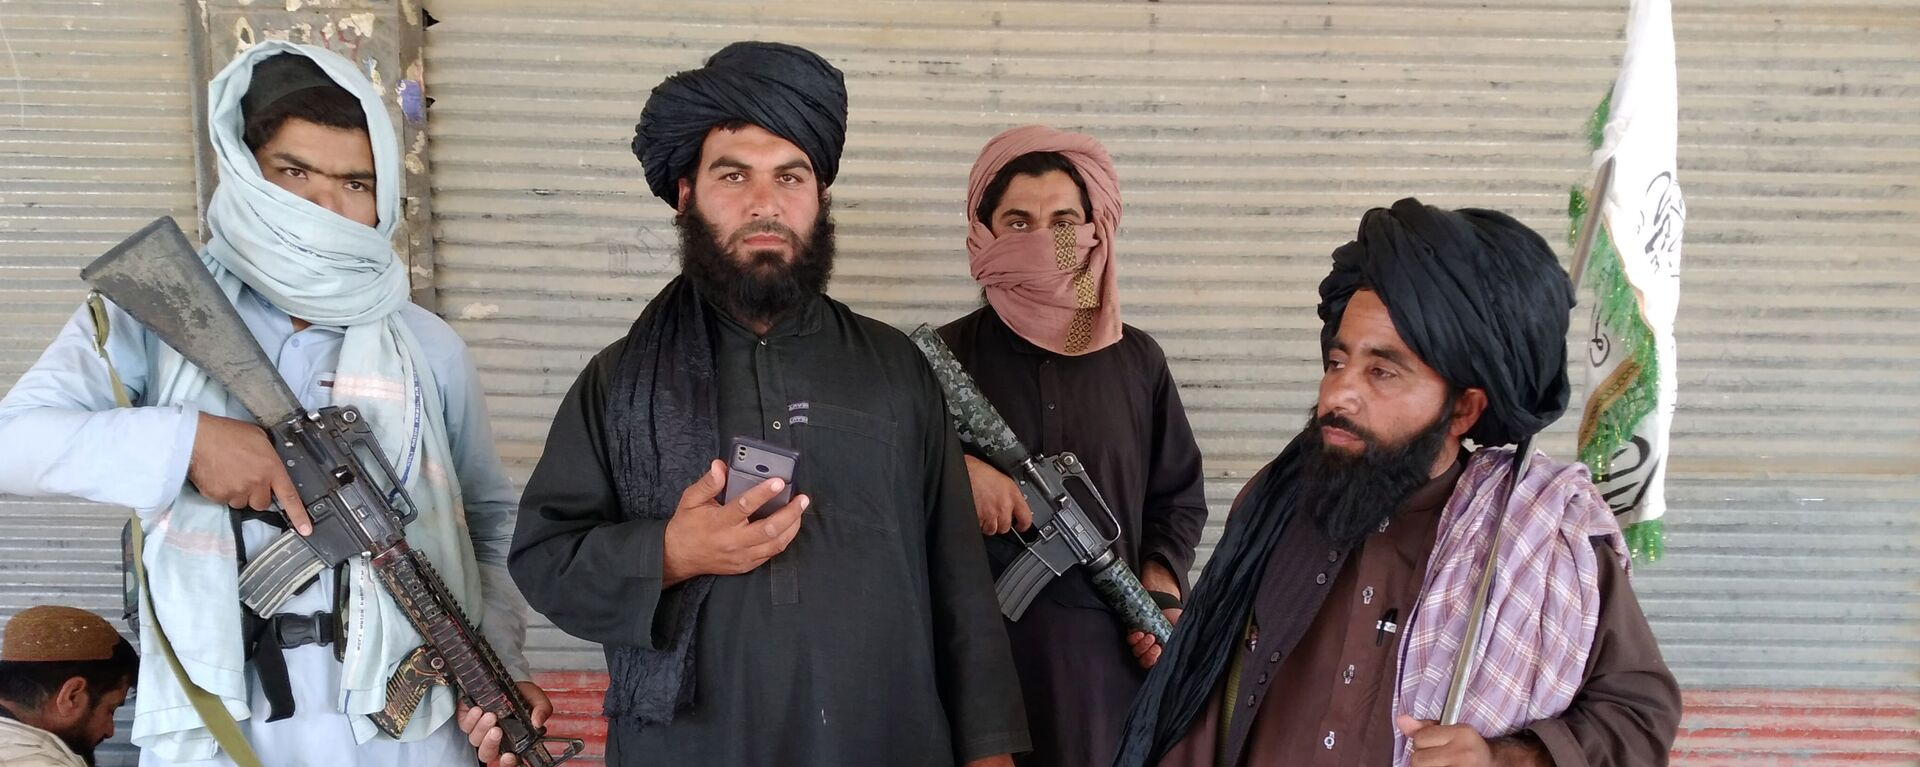 Combattenti talebani (organizzazione terroristica vietata in Russia) pattugliano le strade della città di Farah, la capitale della provincia di Farah, a sud-ovest di Kabul, in Afghanistan - Sputnik Italia, 1920, 16.08.2021